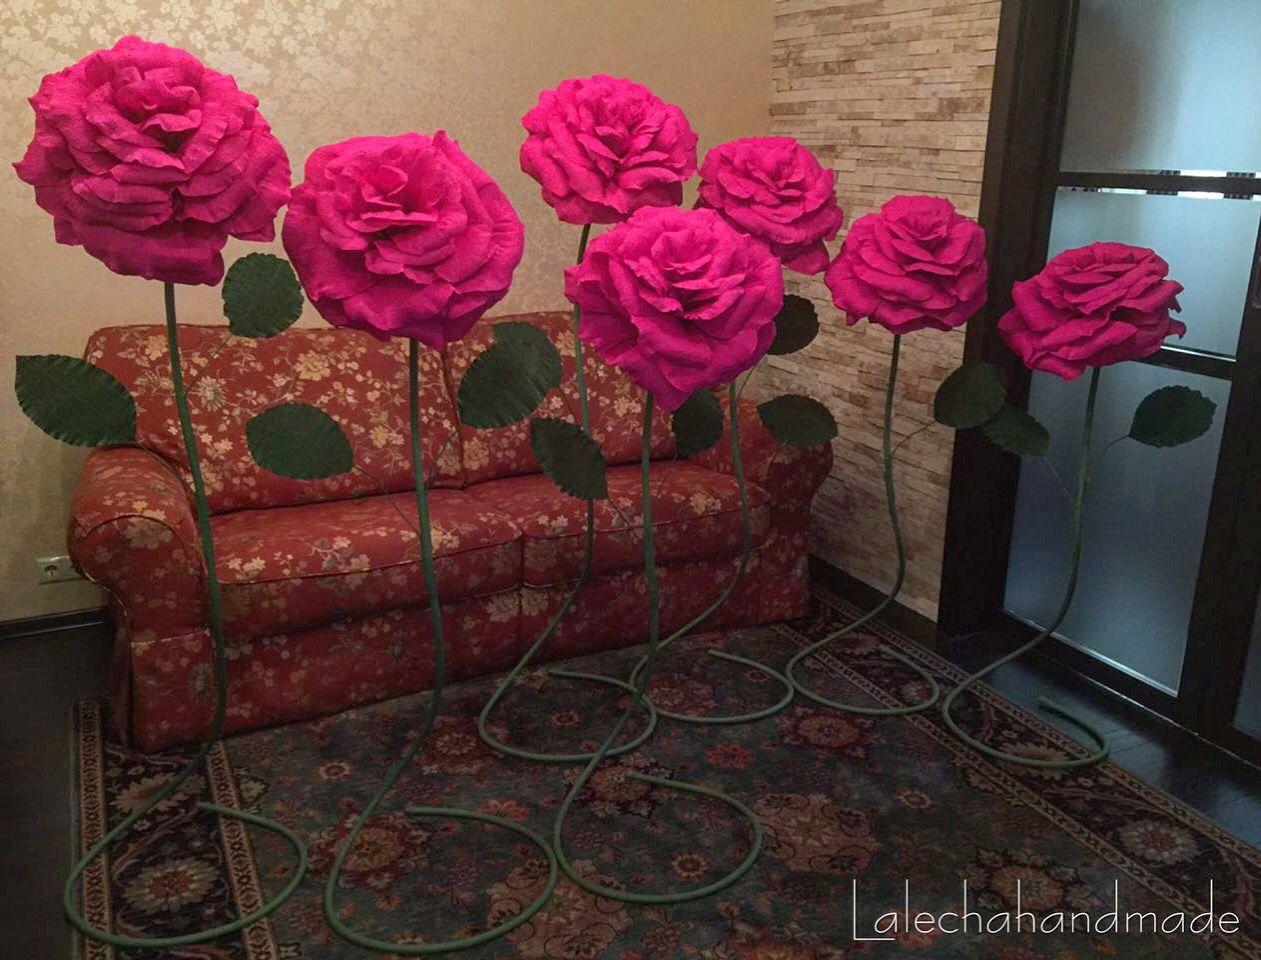 Купить бумажные цветы в барнауле заказ цветов с доставкой москва отзывы